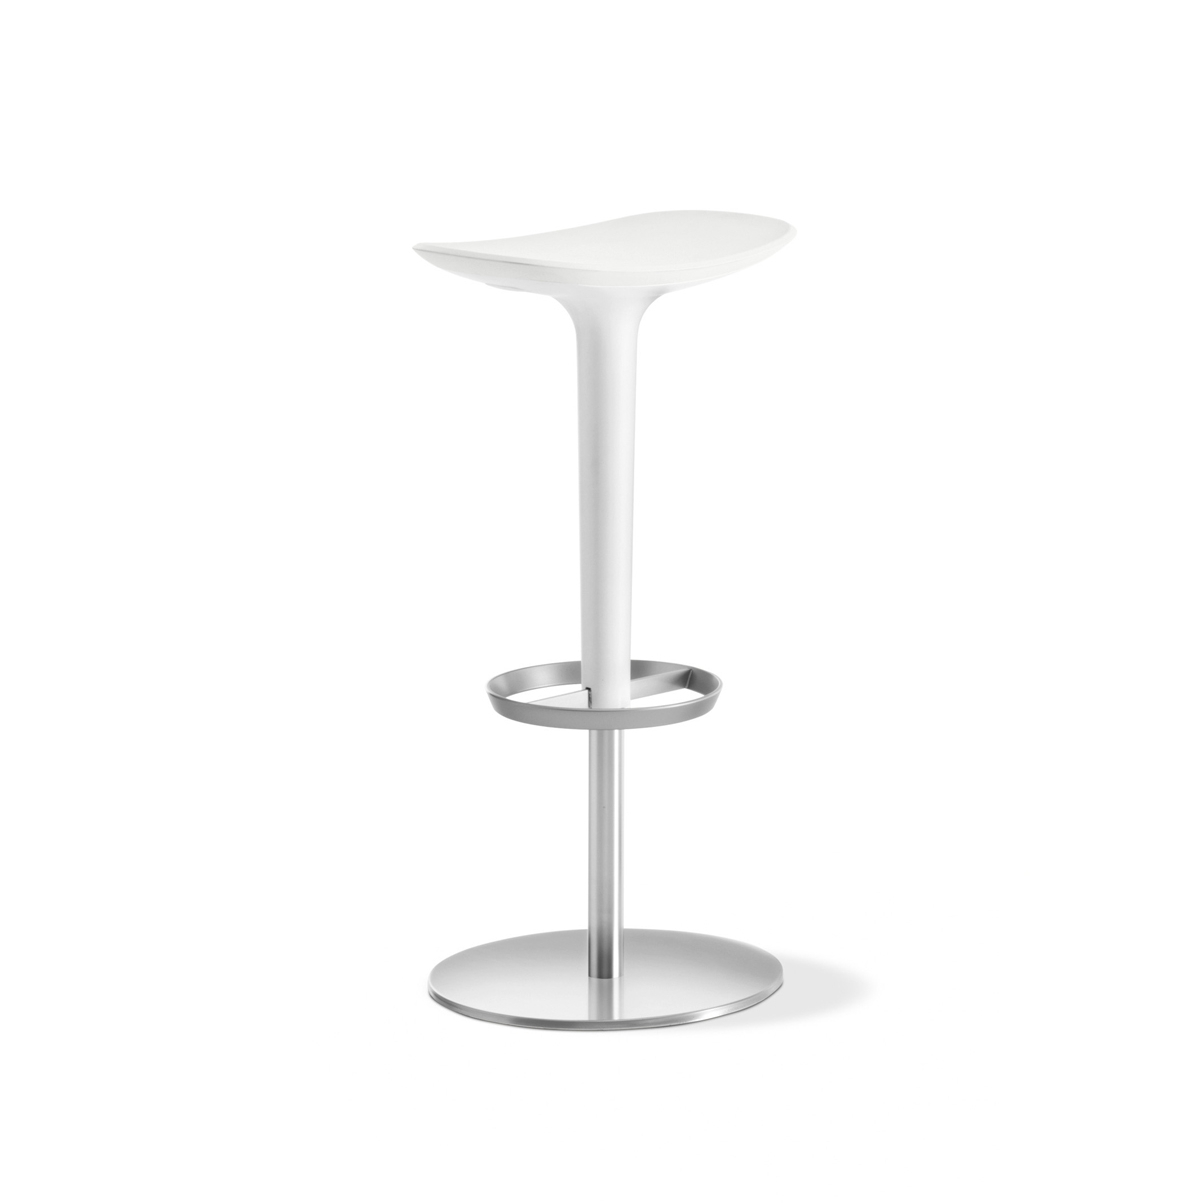 Arper_Babar_stool_freestanding_upholstery_1751_2.jpg